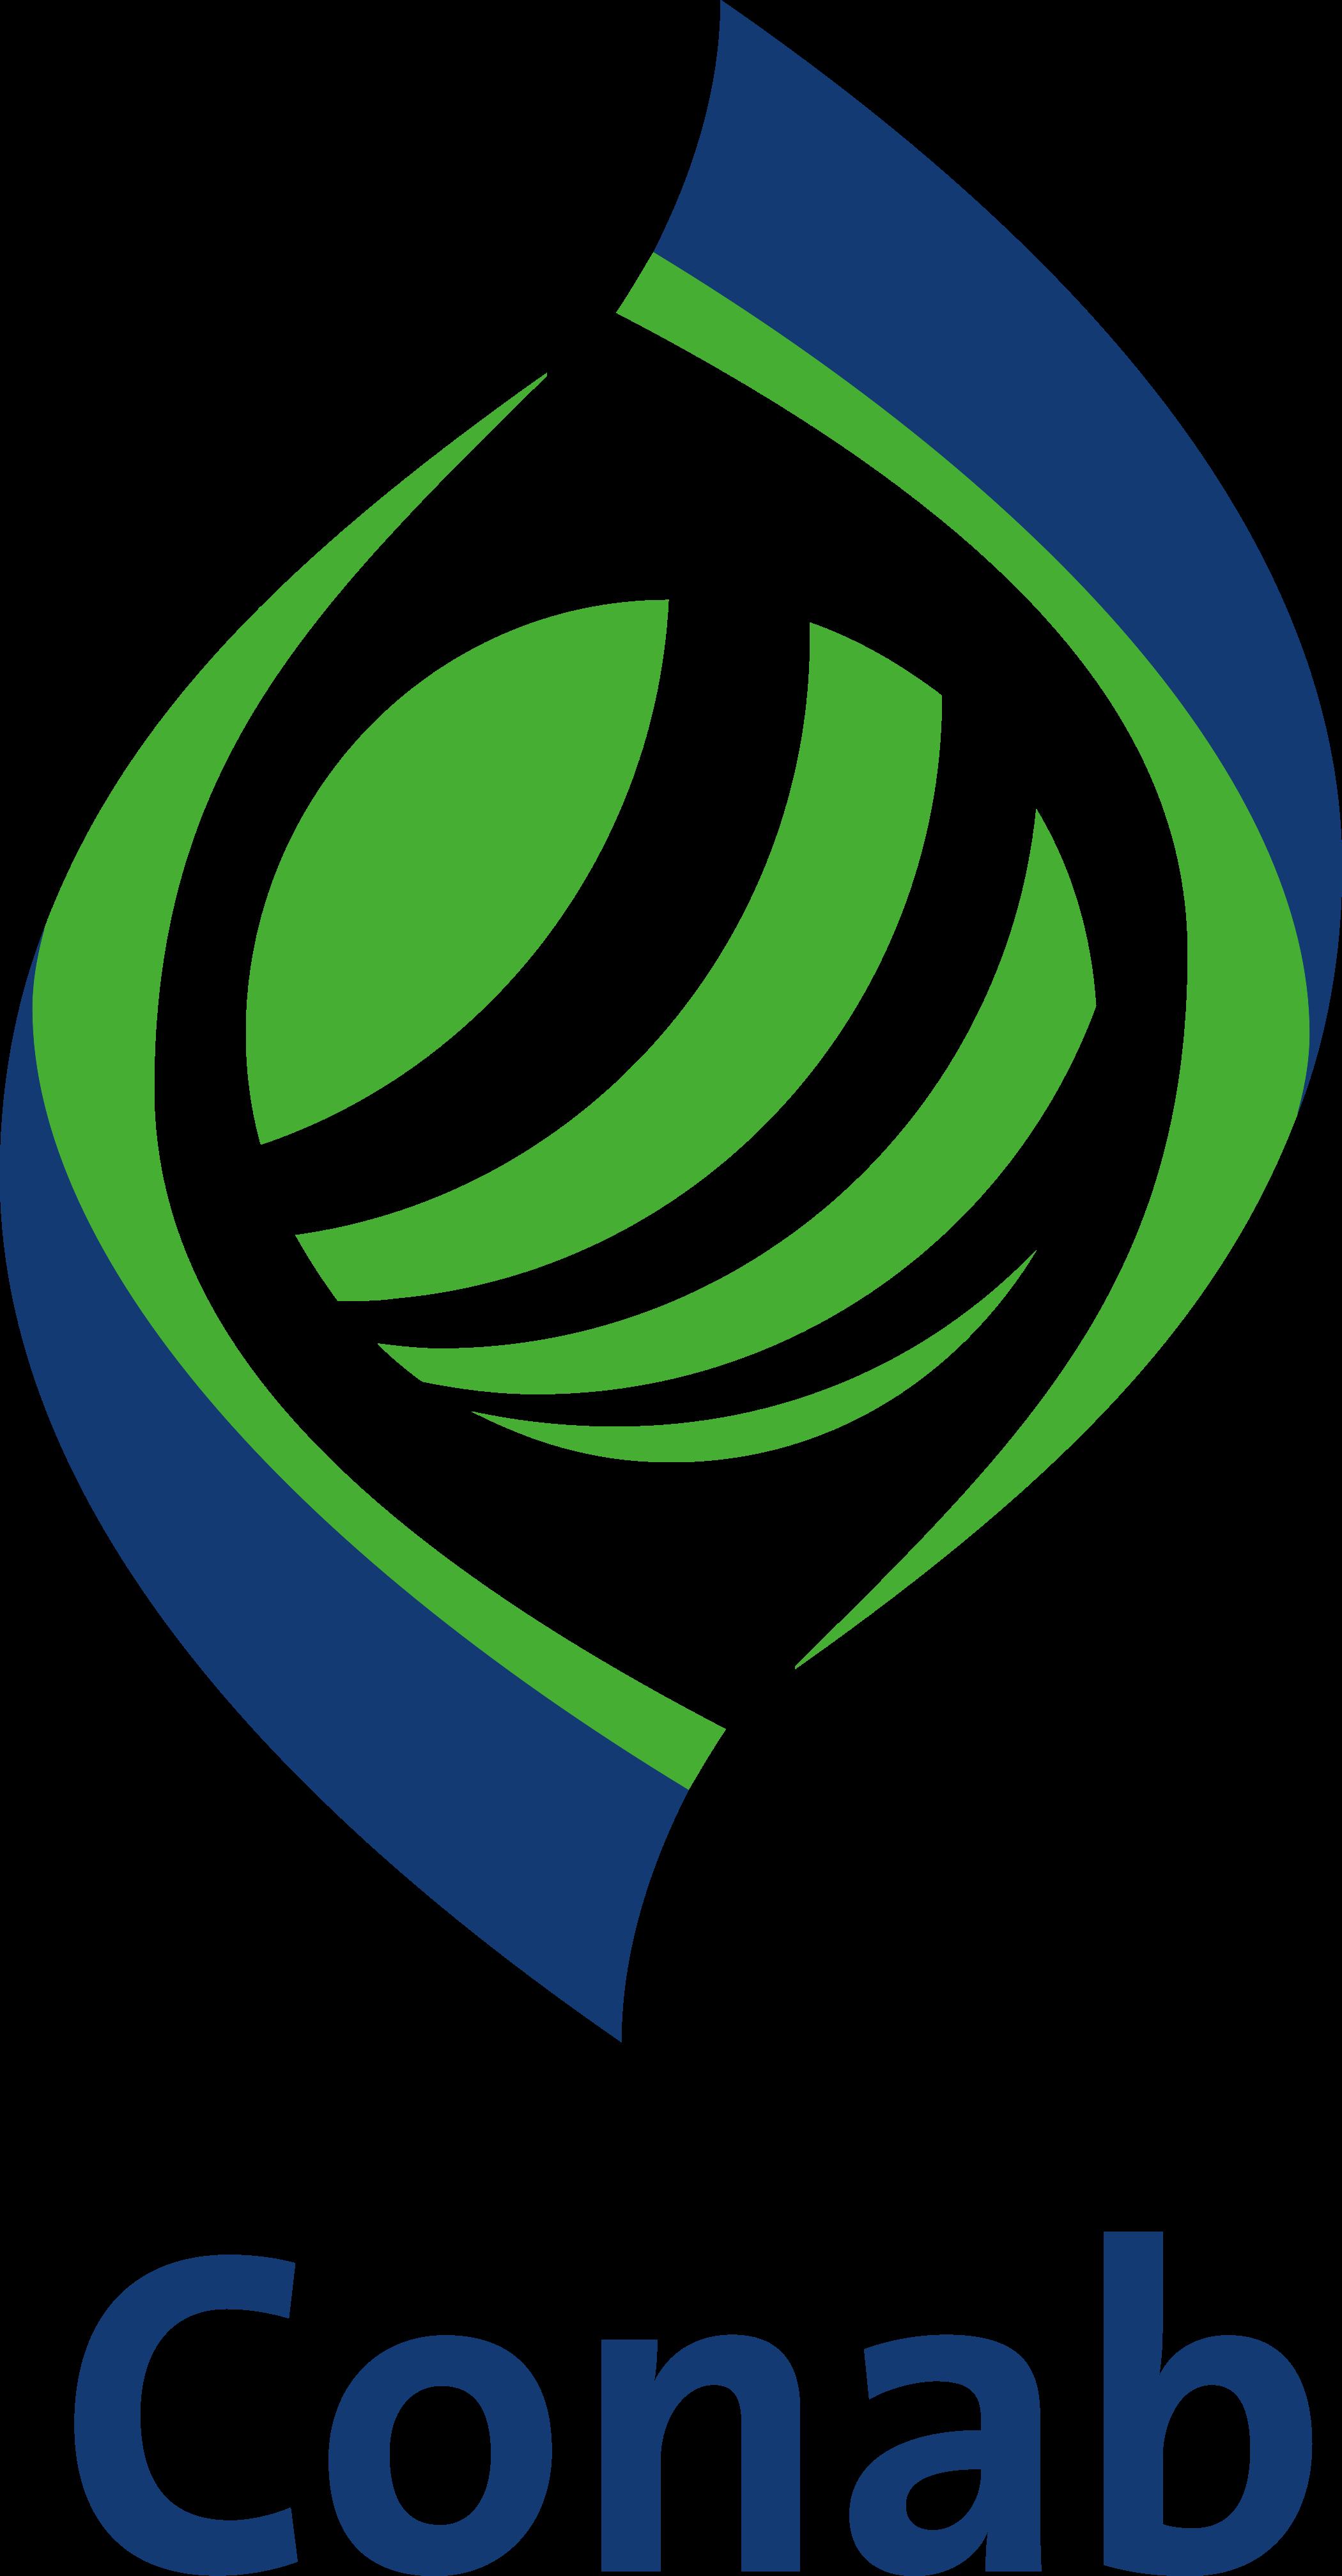 conab logo 3 - Conab Logo - Companhia Nacional de Abastecimento Logo